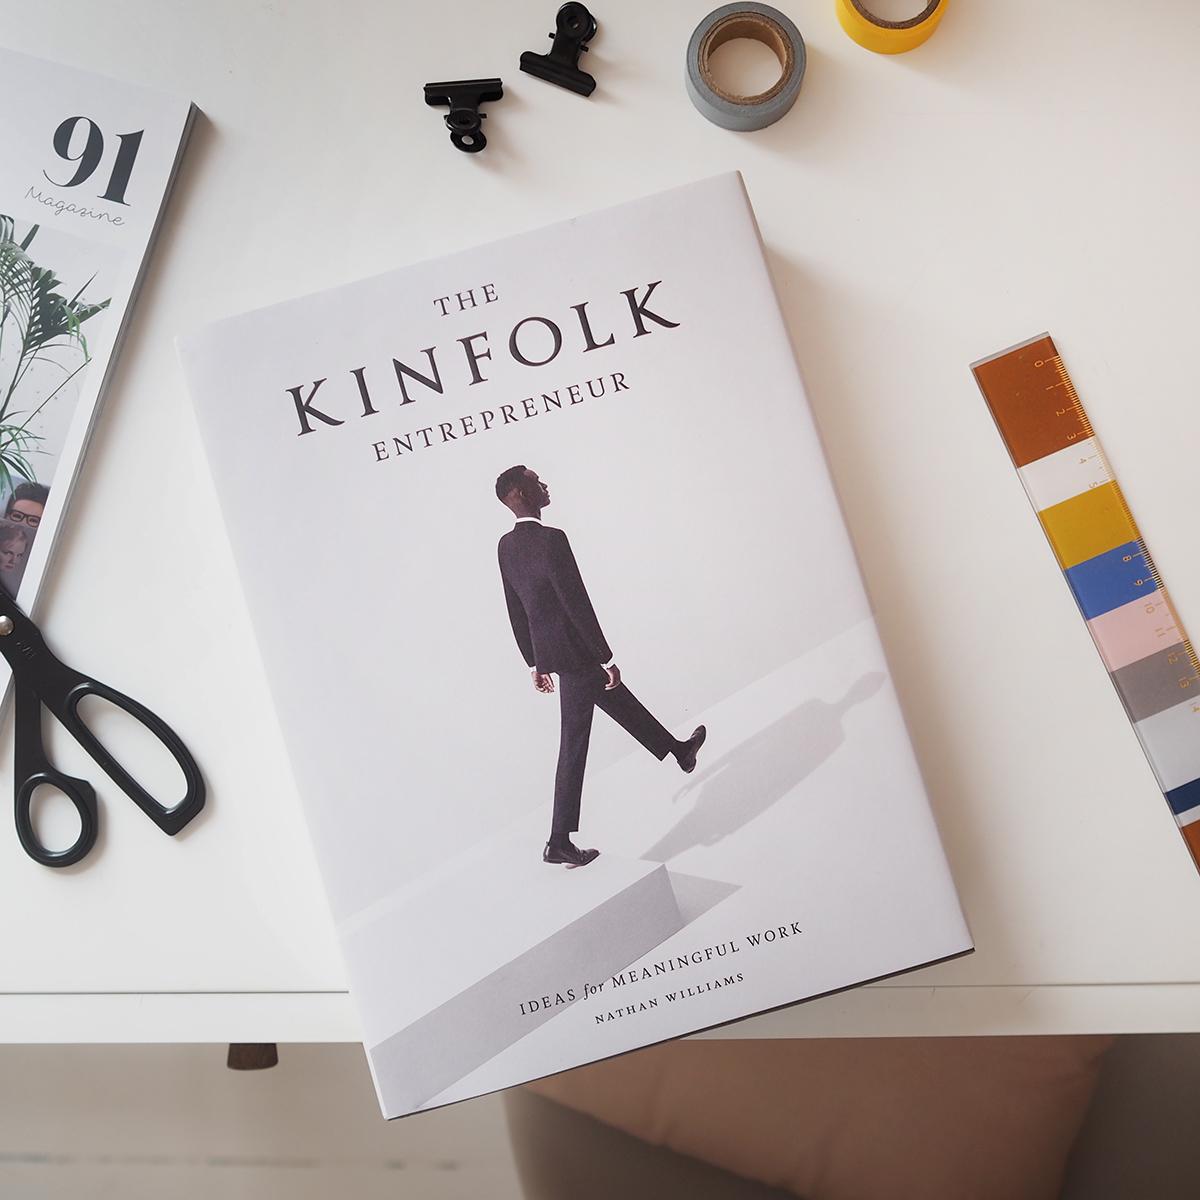 The Kinfolk Entrepreneur - review